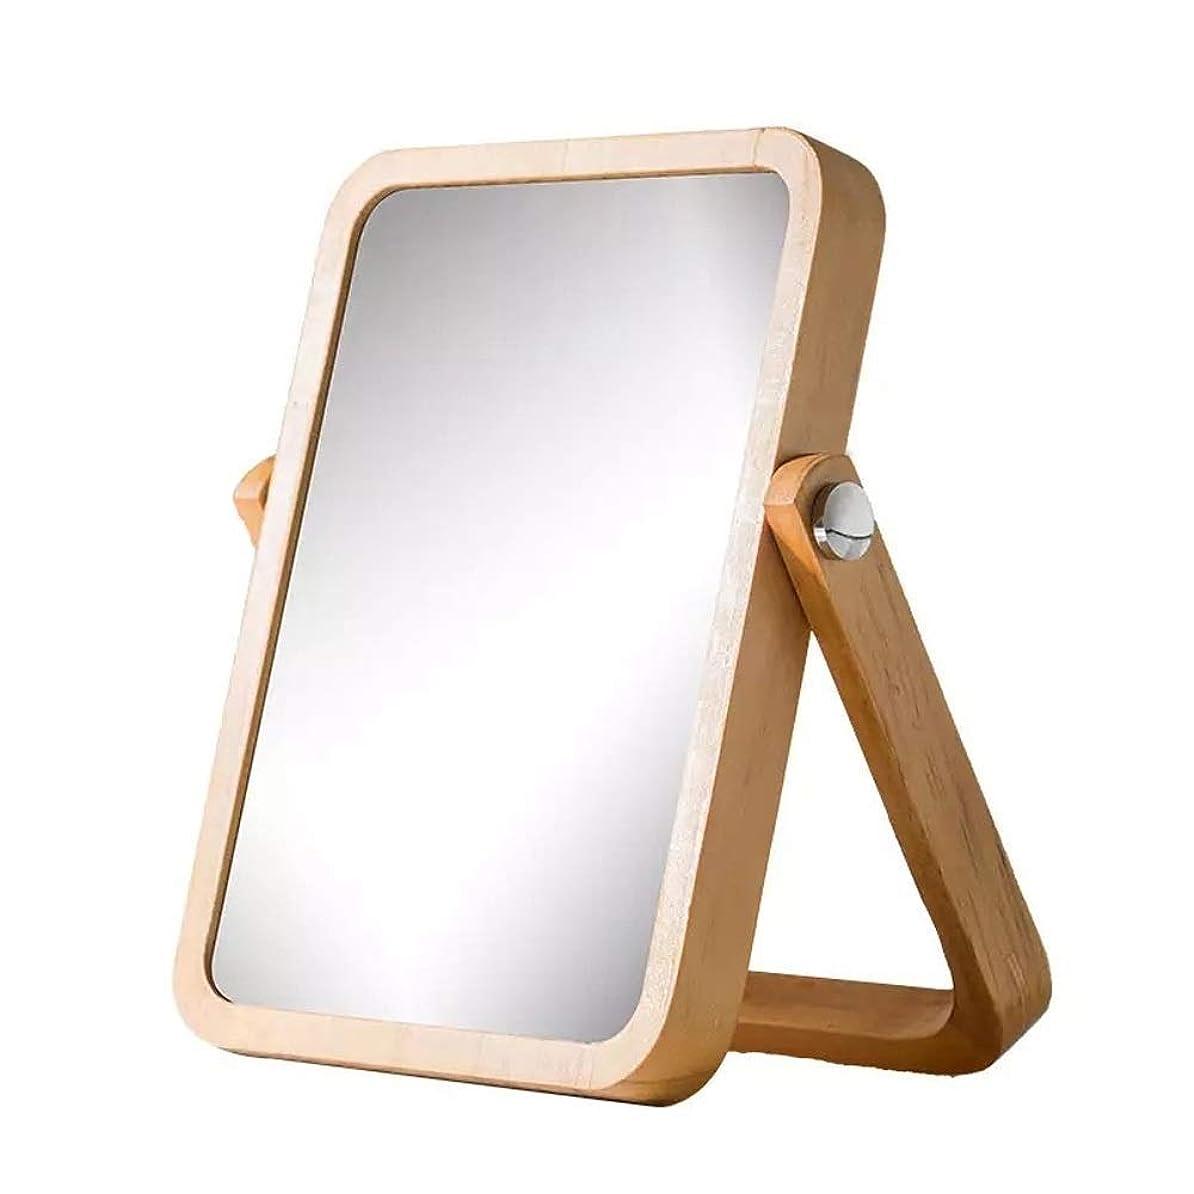 拡声器サバントノーブル片面鏡シンプルな無垢材のバニティミラー デスクトップミラーヨーロッパミラー ポータブル木製デスクトップミラー 折りたたみHDミラー(サイズ:27x20.3x2cm)